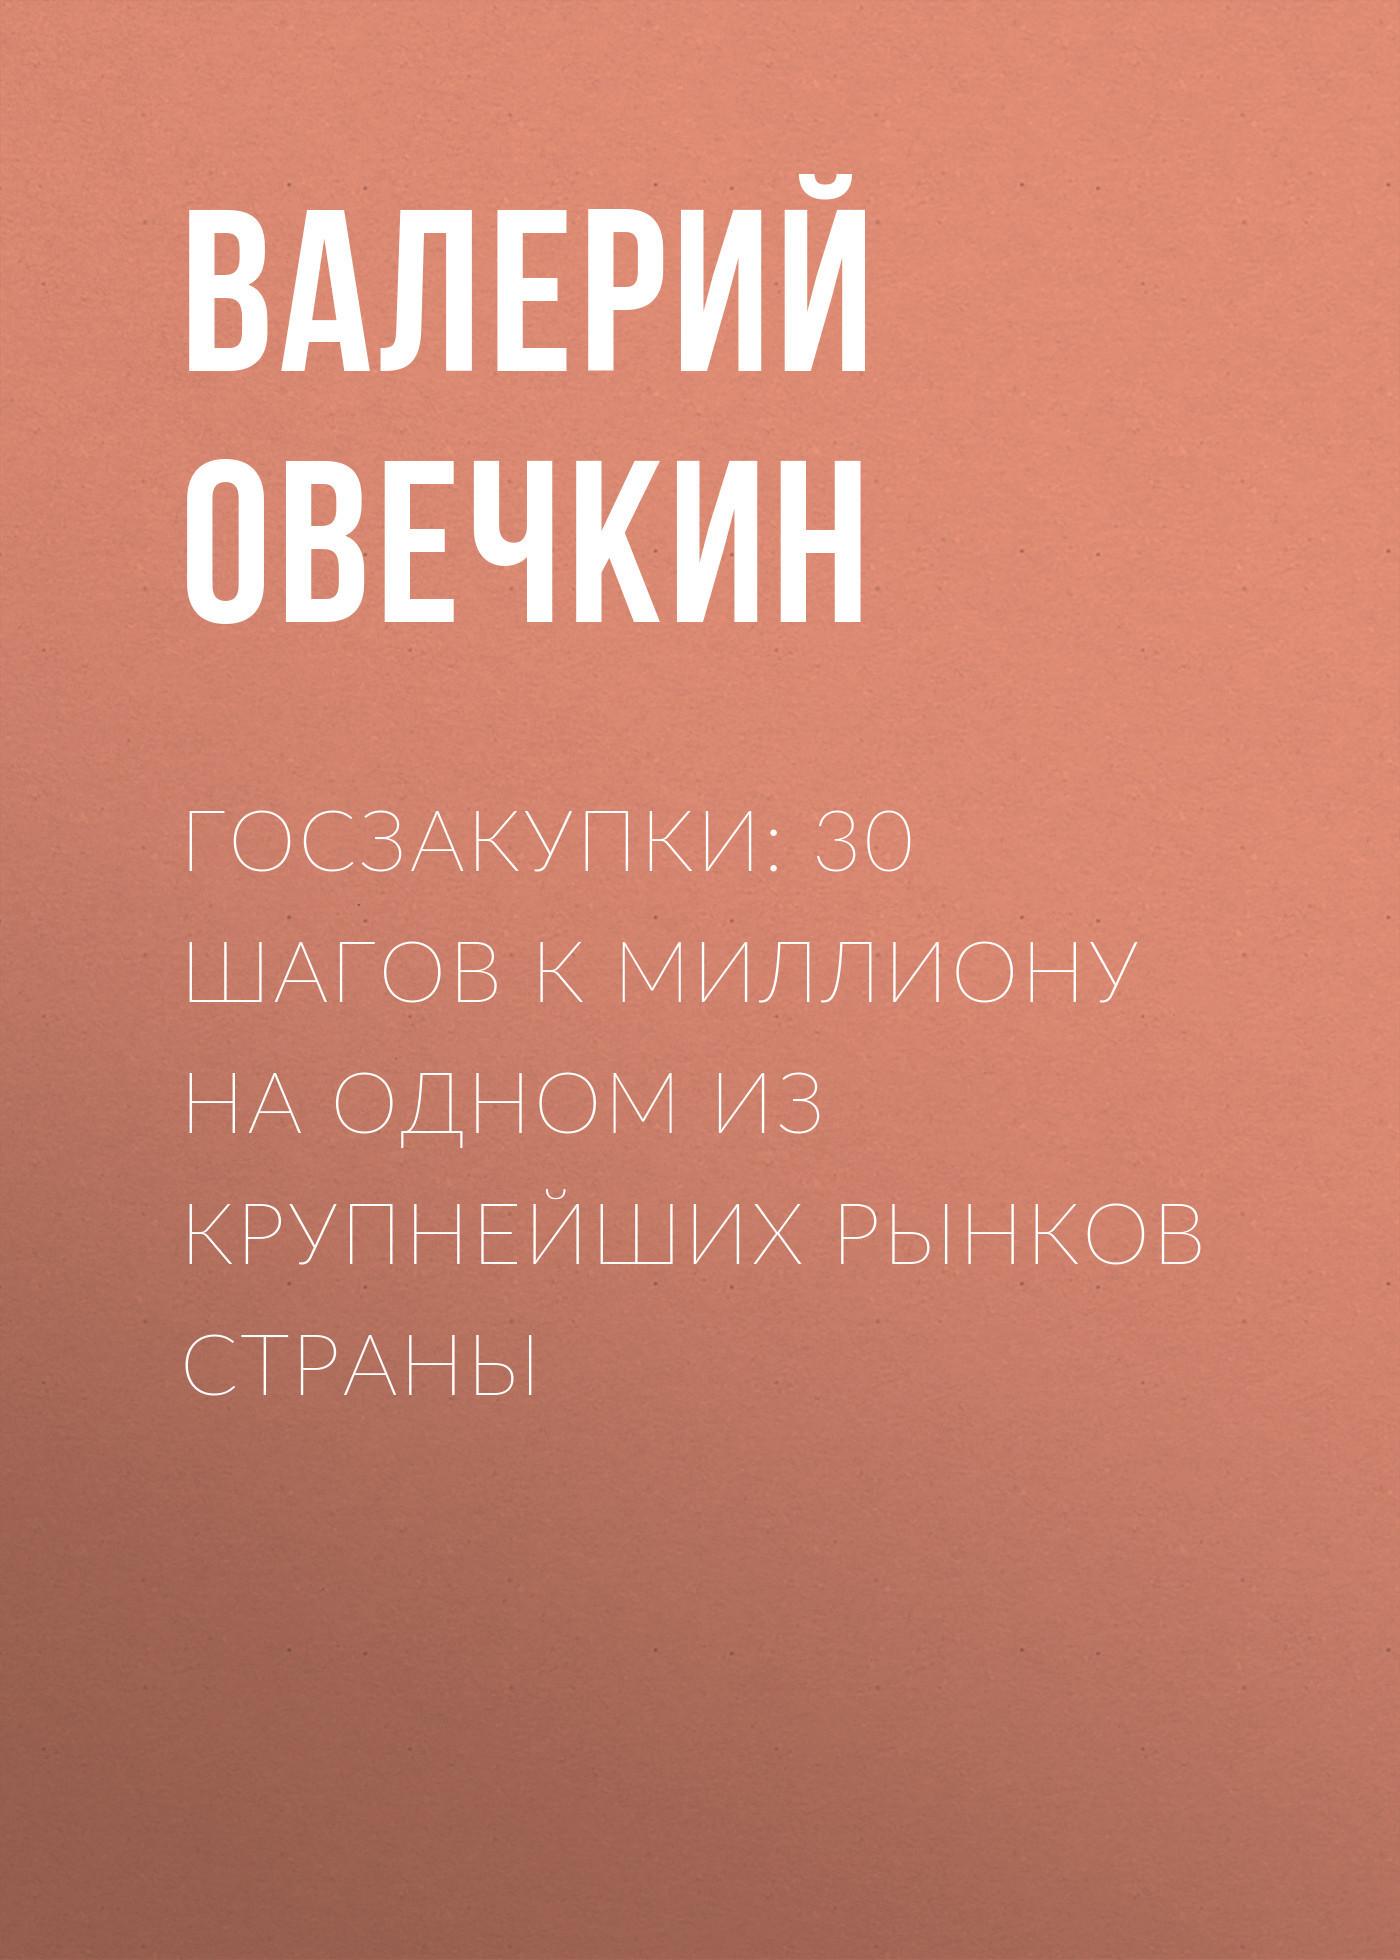 Обложка книги Госзакупки: 30 шагов к миллиону на одном из крупнейших рынков страны